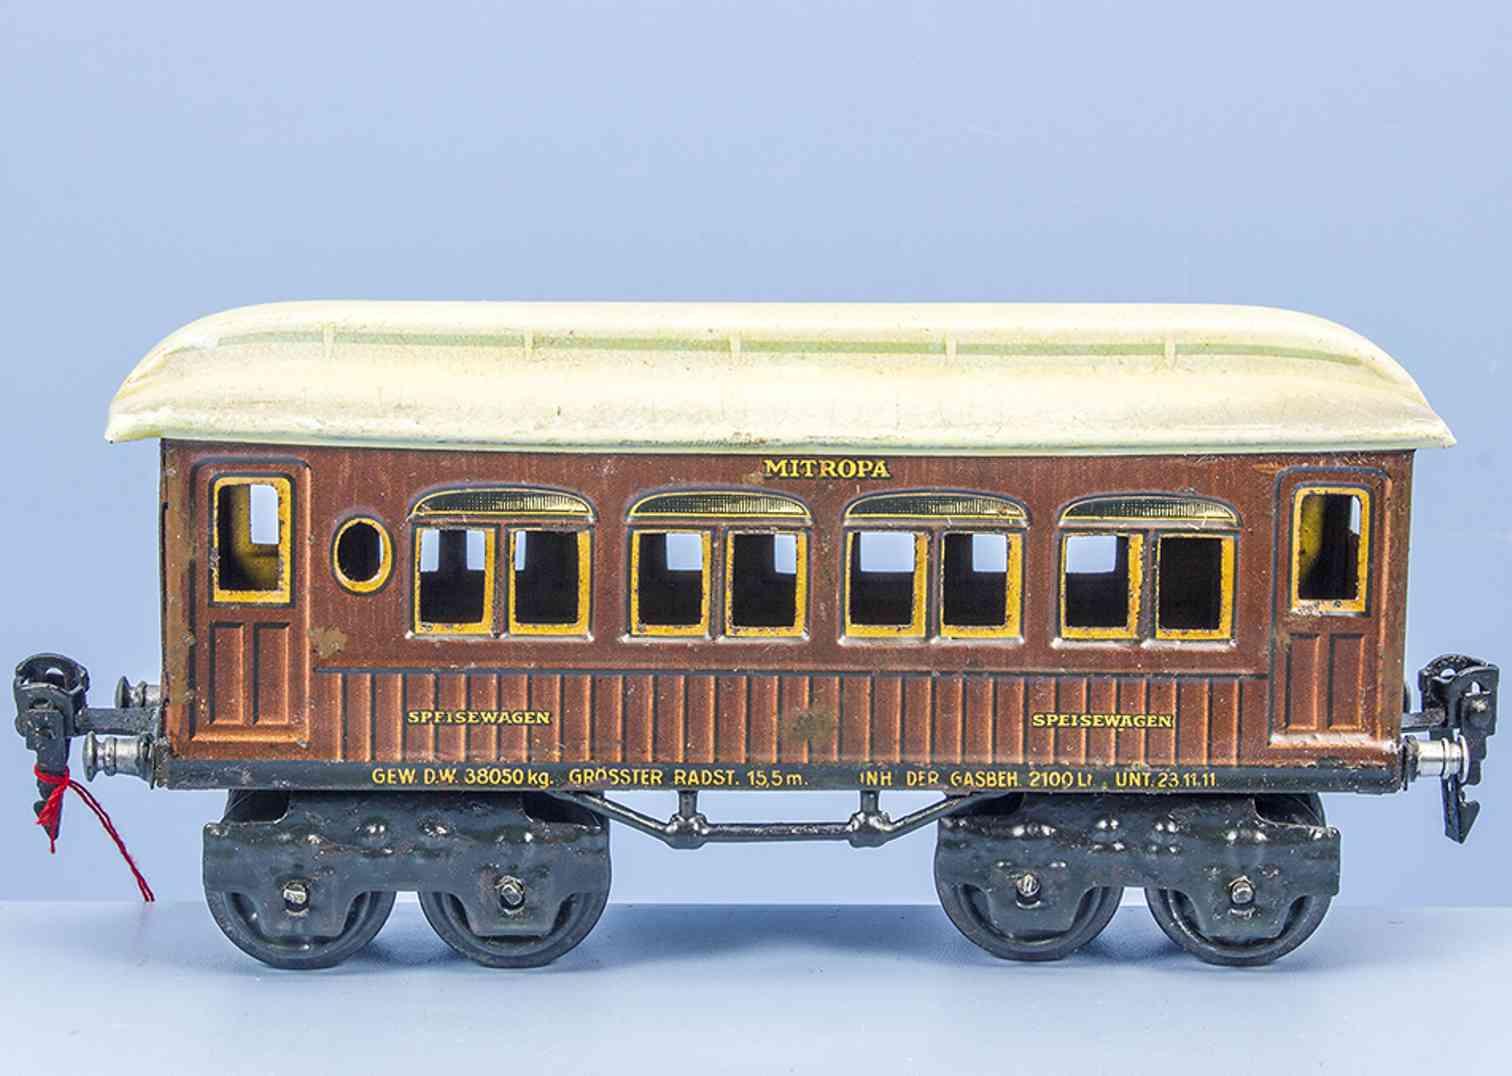 marklin maerklin 1886/0 sp 1925 railway toy mitropa dining car teak brown gauge 0